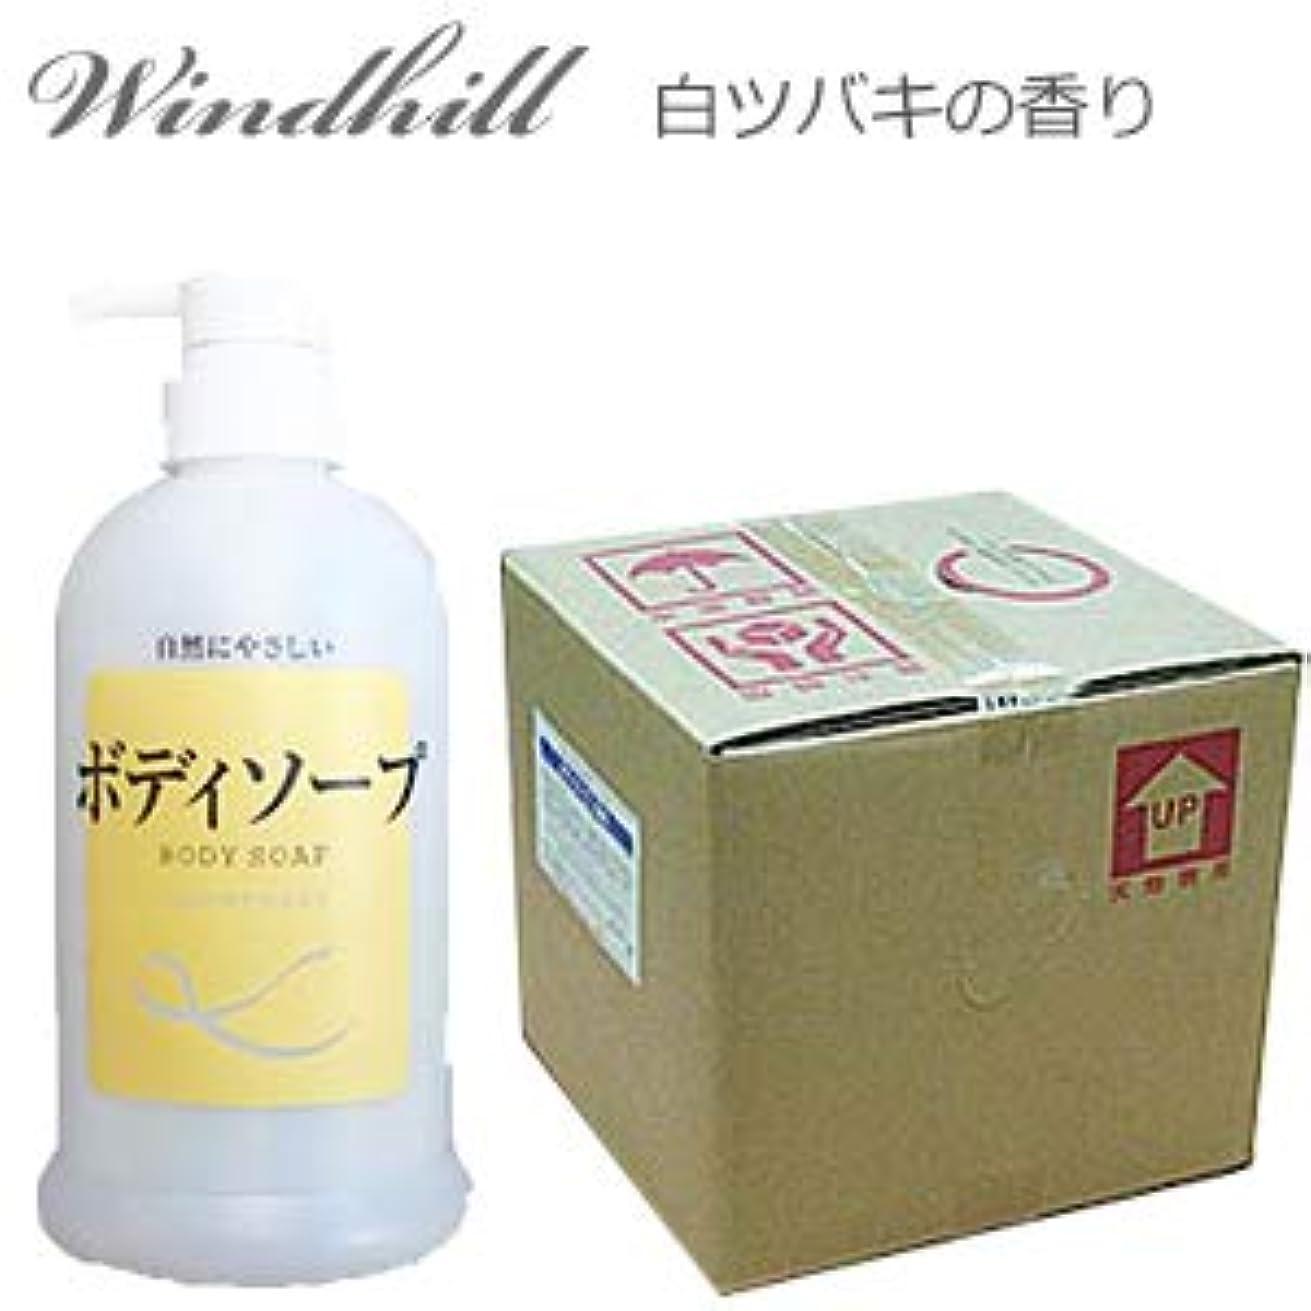 魂アルコーブセンチメンタルなんと! 500ml当り175円 Windhill 植物性 業務用 ボディソープ  白ツバキの香り 20L